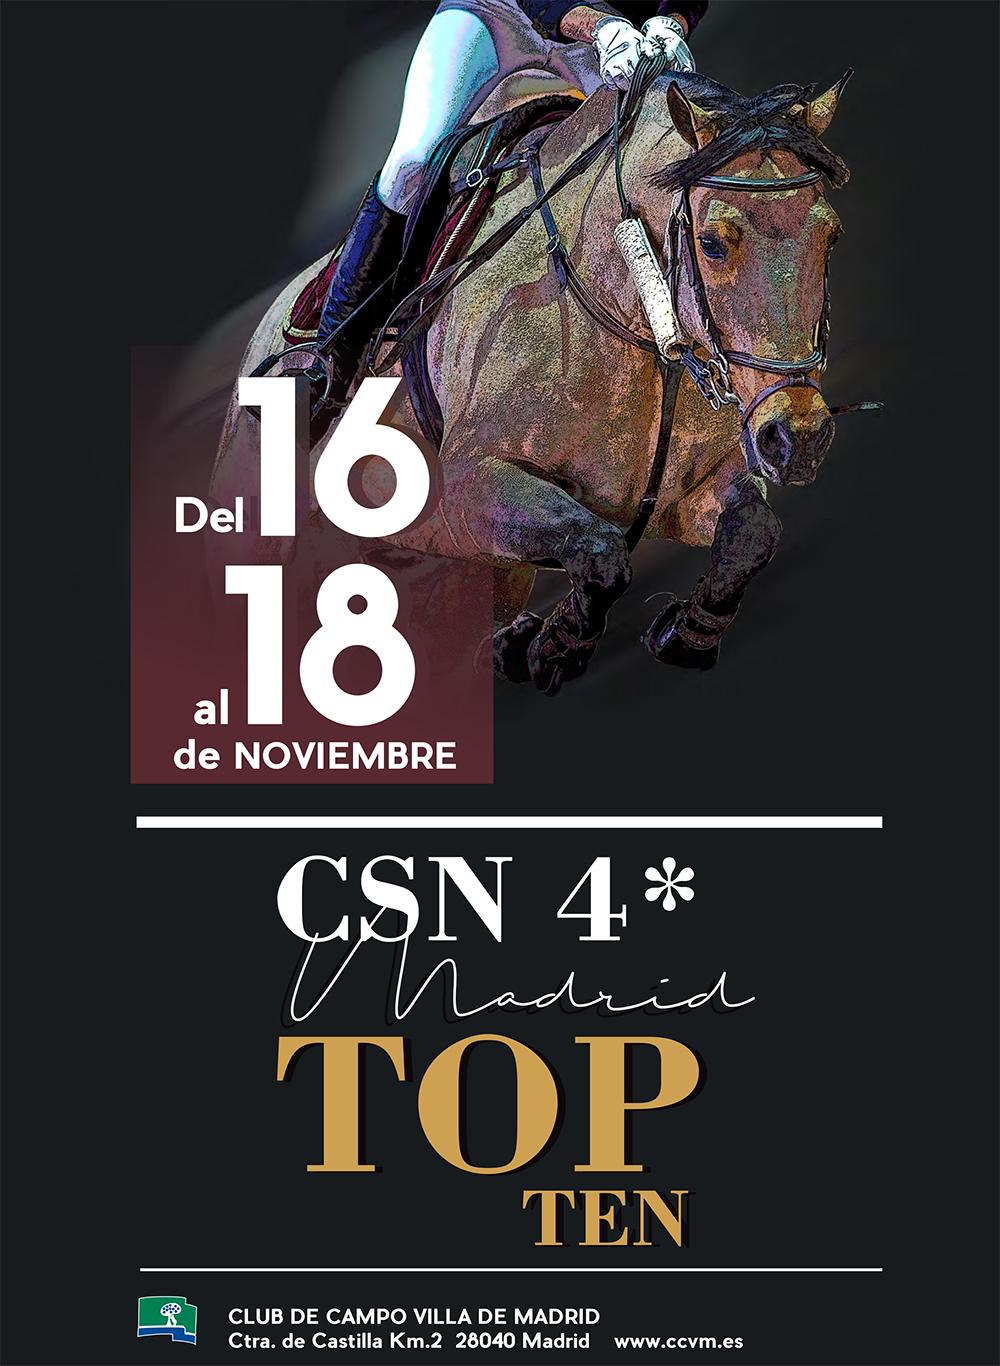 Cartel del CSN 4* Madrid Top Ten